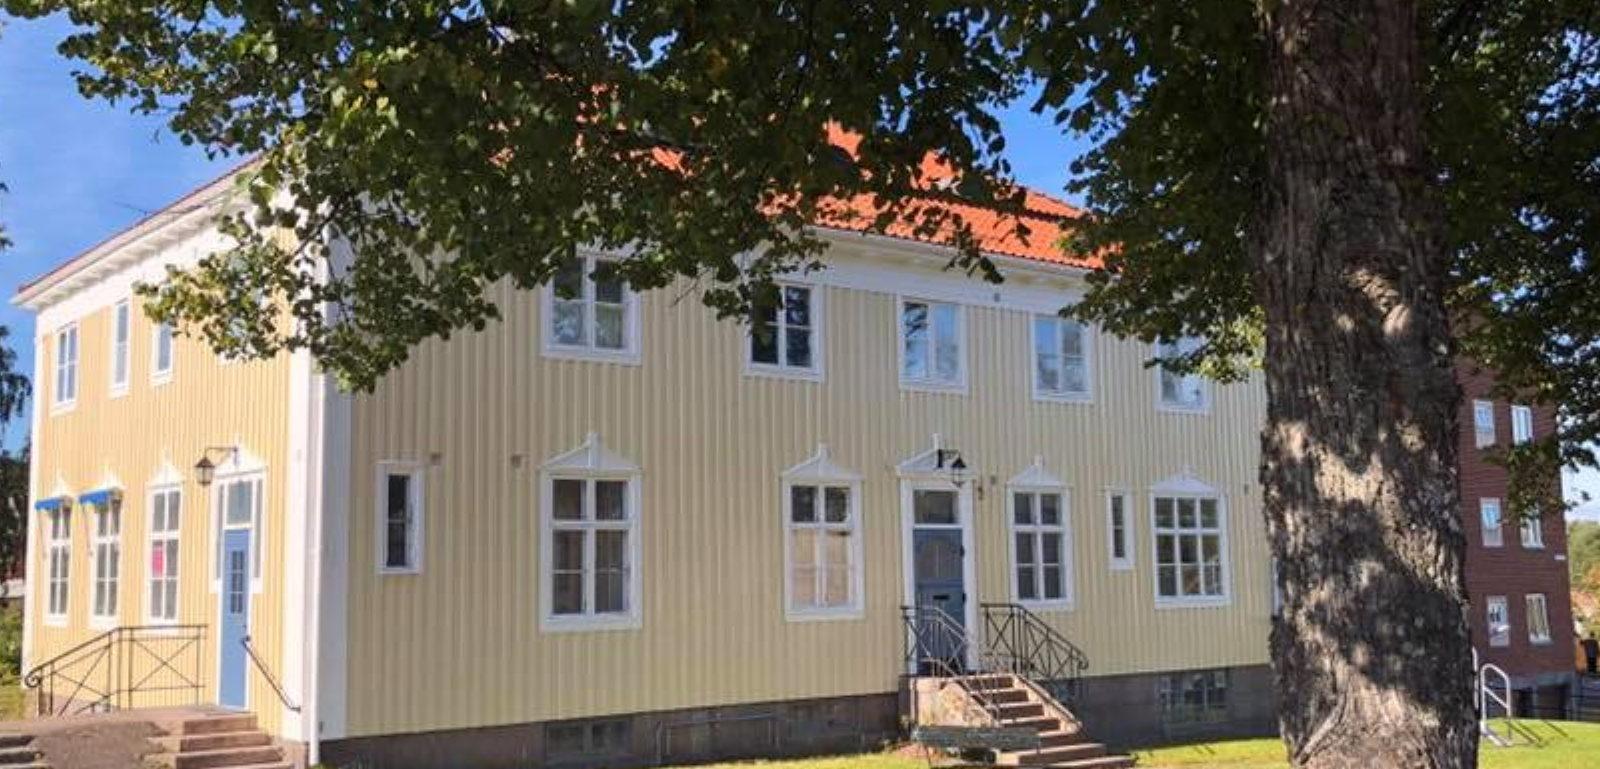 Deje hostel in Värmland